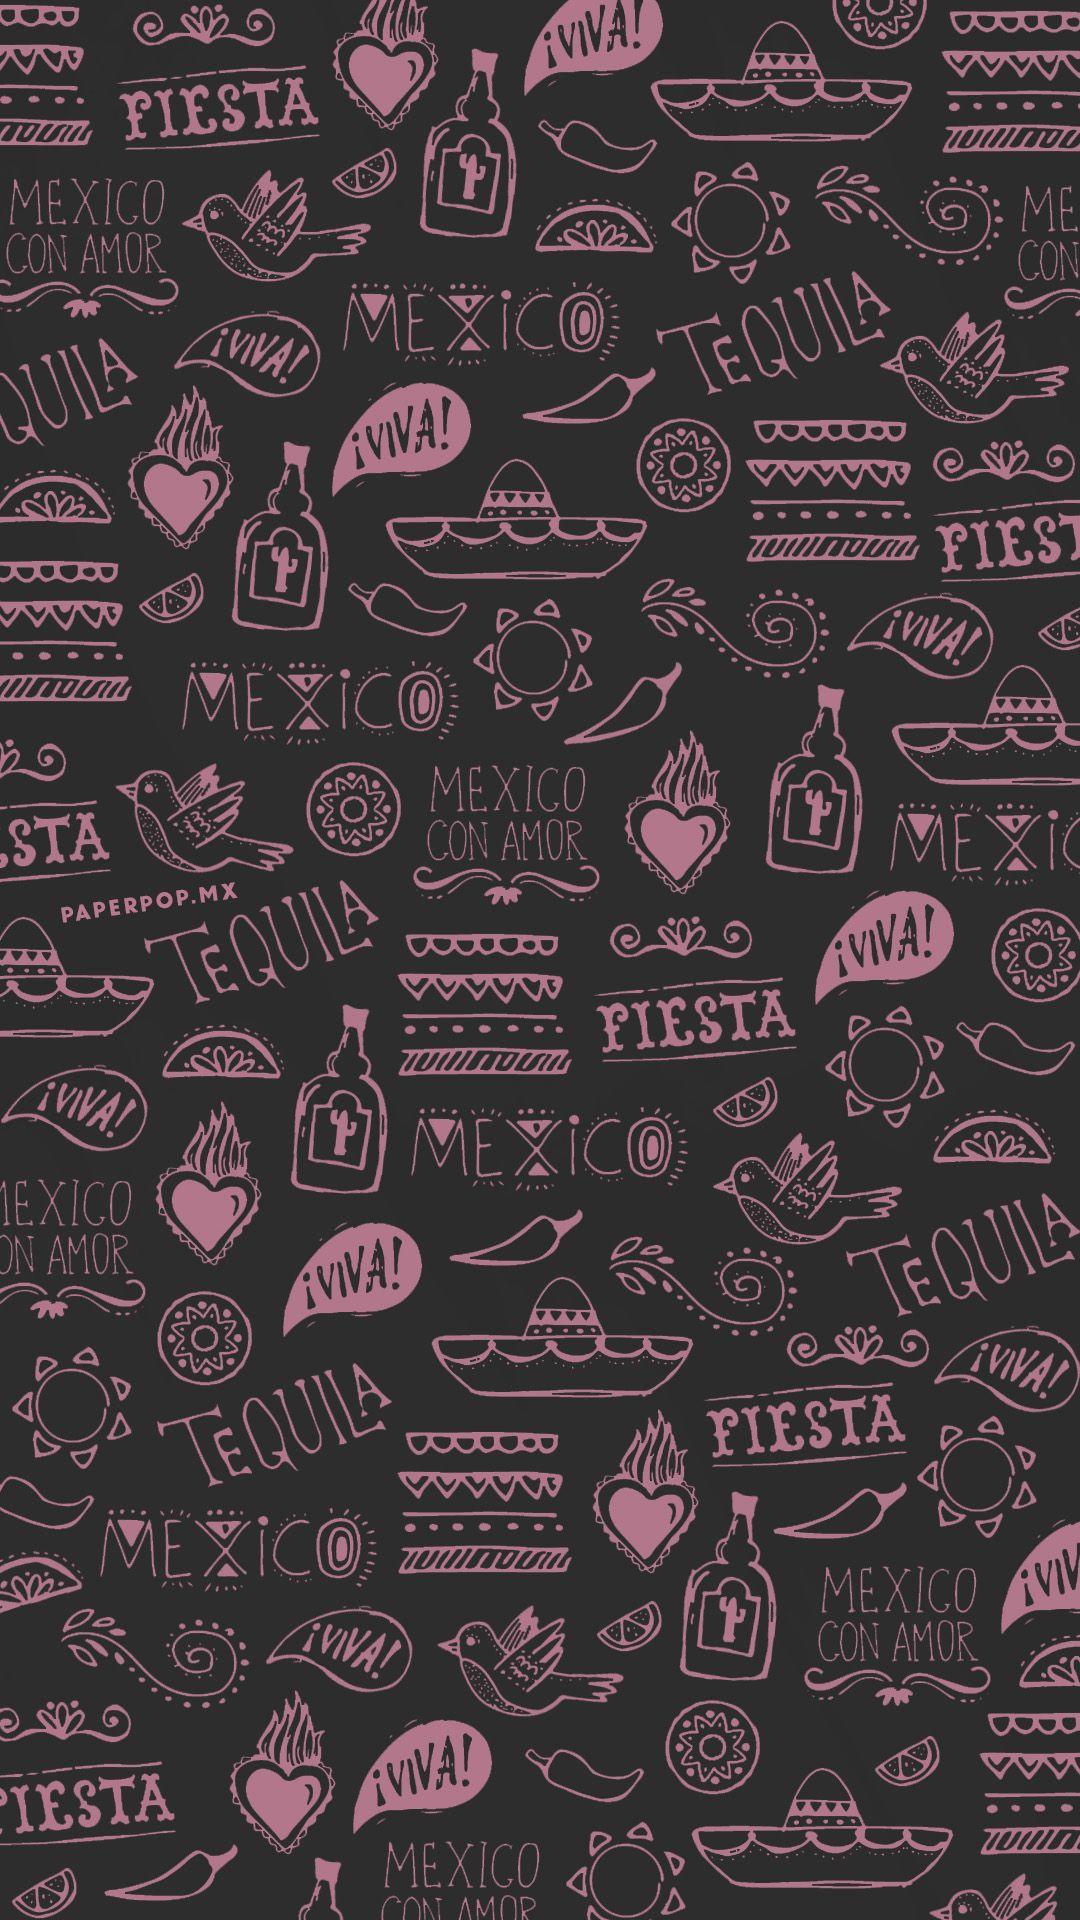 México Fondos de pantalla iphone tumblr, Fondo de